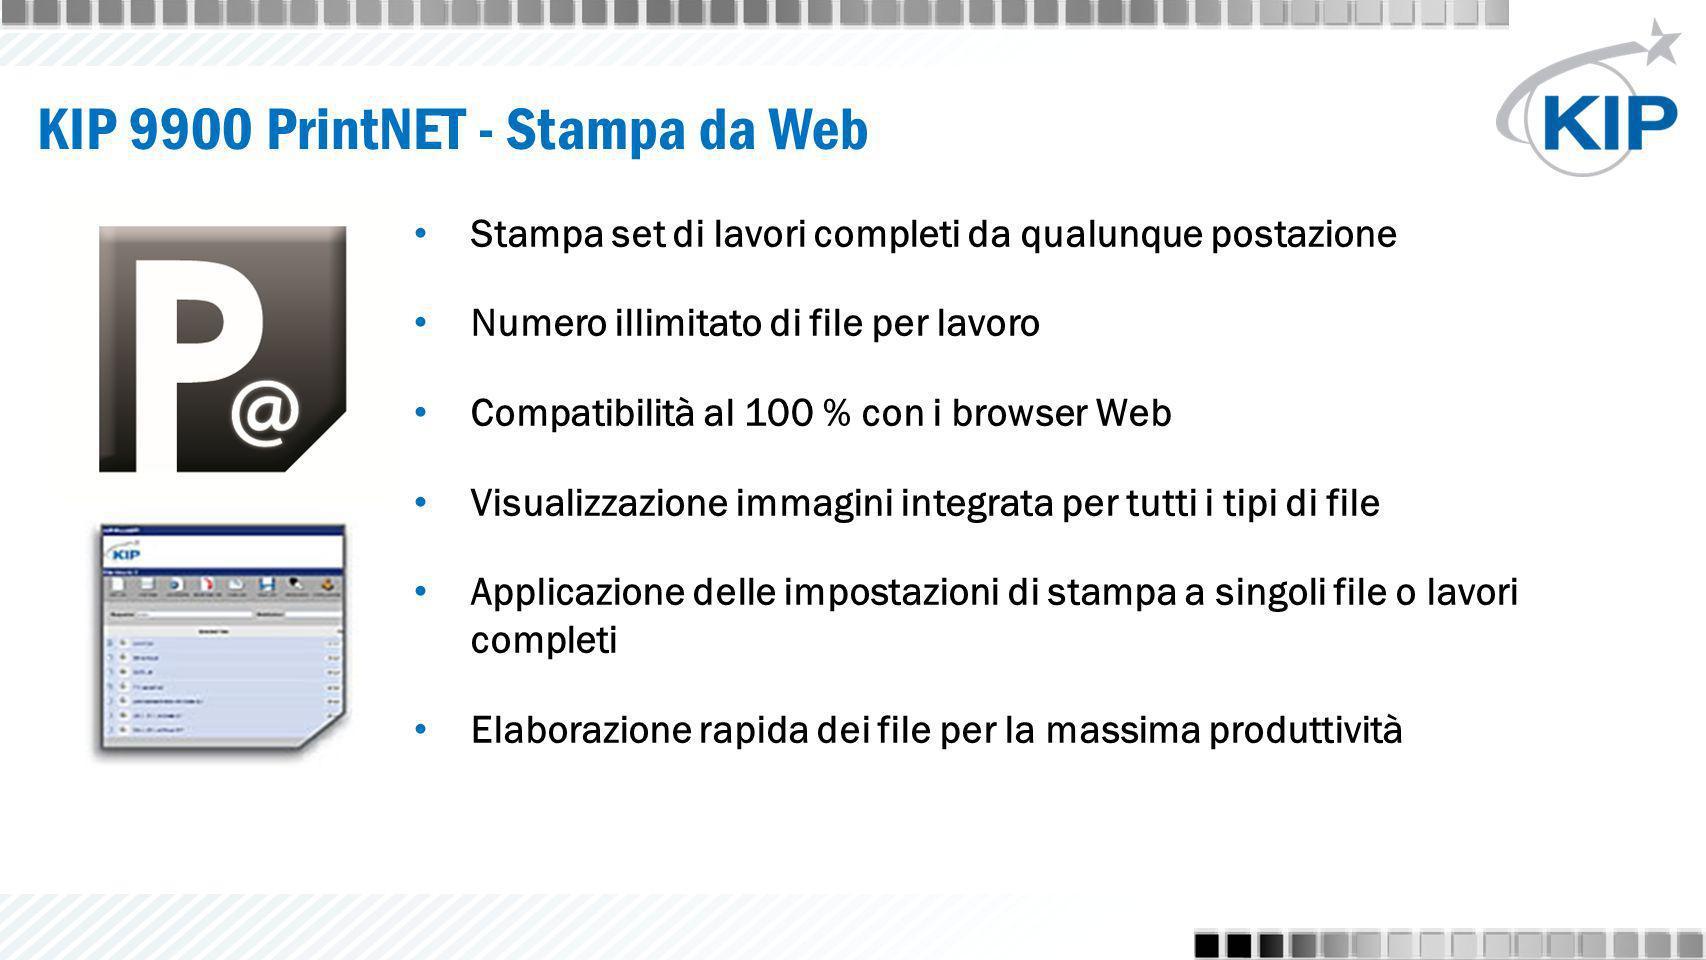 KIP 9900 PrintNET - Stampa da Web Stampa set di lavori completi da qualunque postazione Numero illimitato di file per lavoro Compatibilità al 100 % co